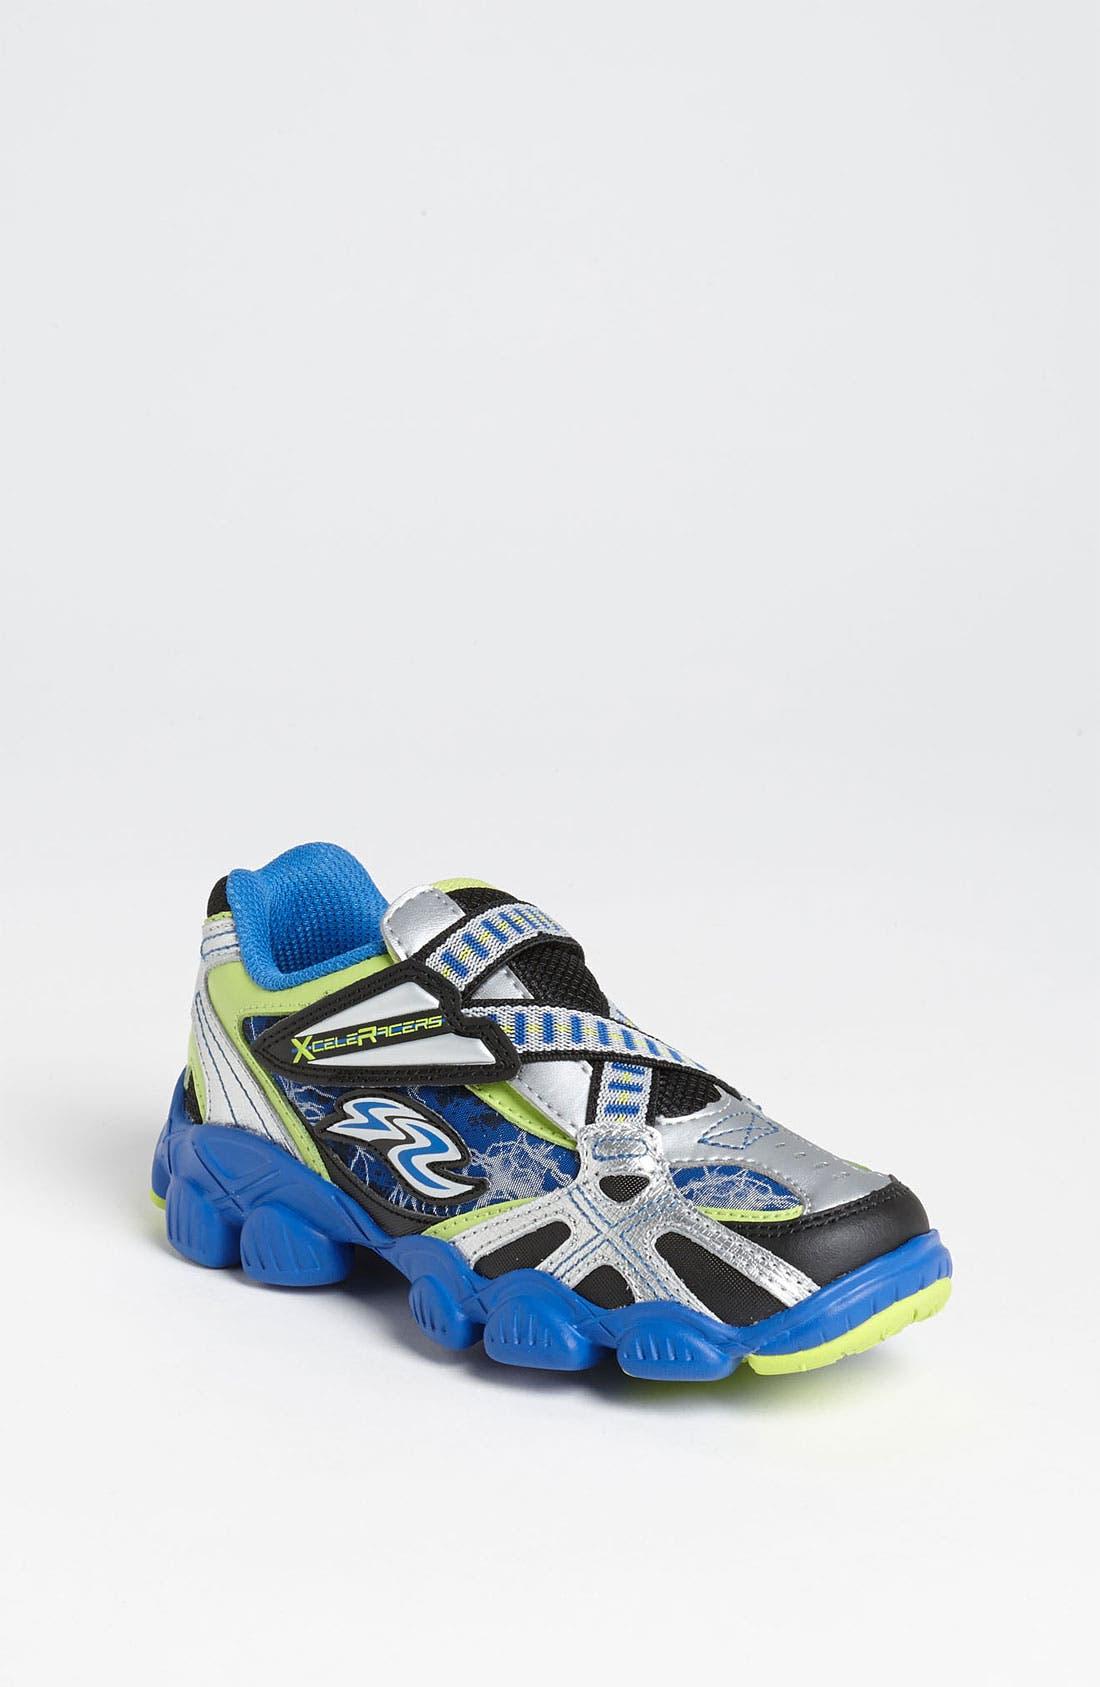 Main Image - Stride Rite 'X-celeracer' Sneaker (Toddler & Little Kid)